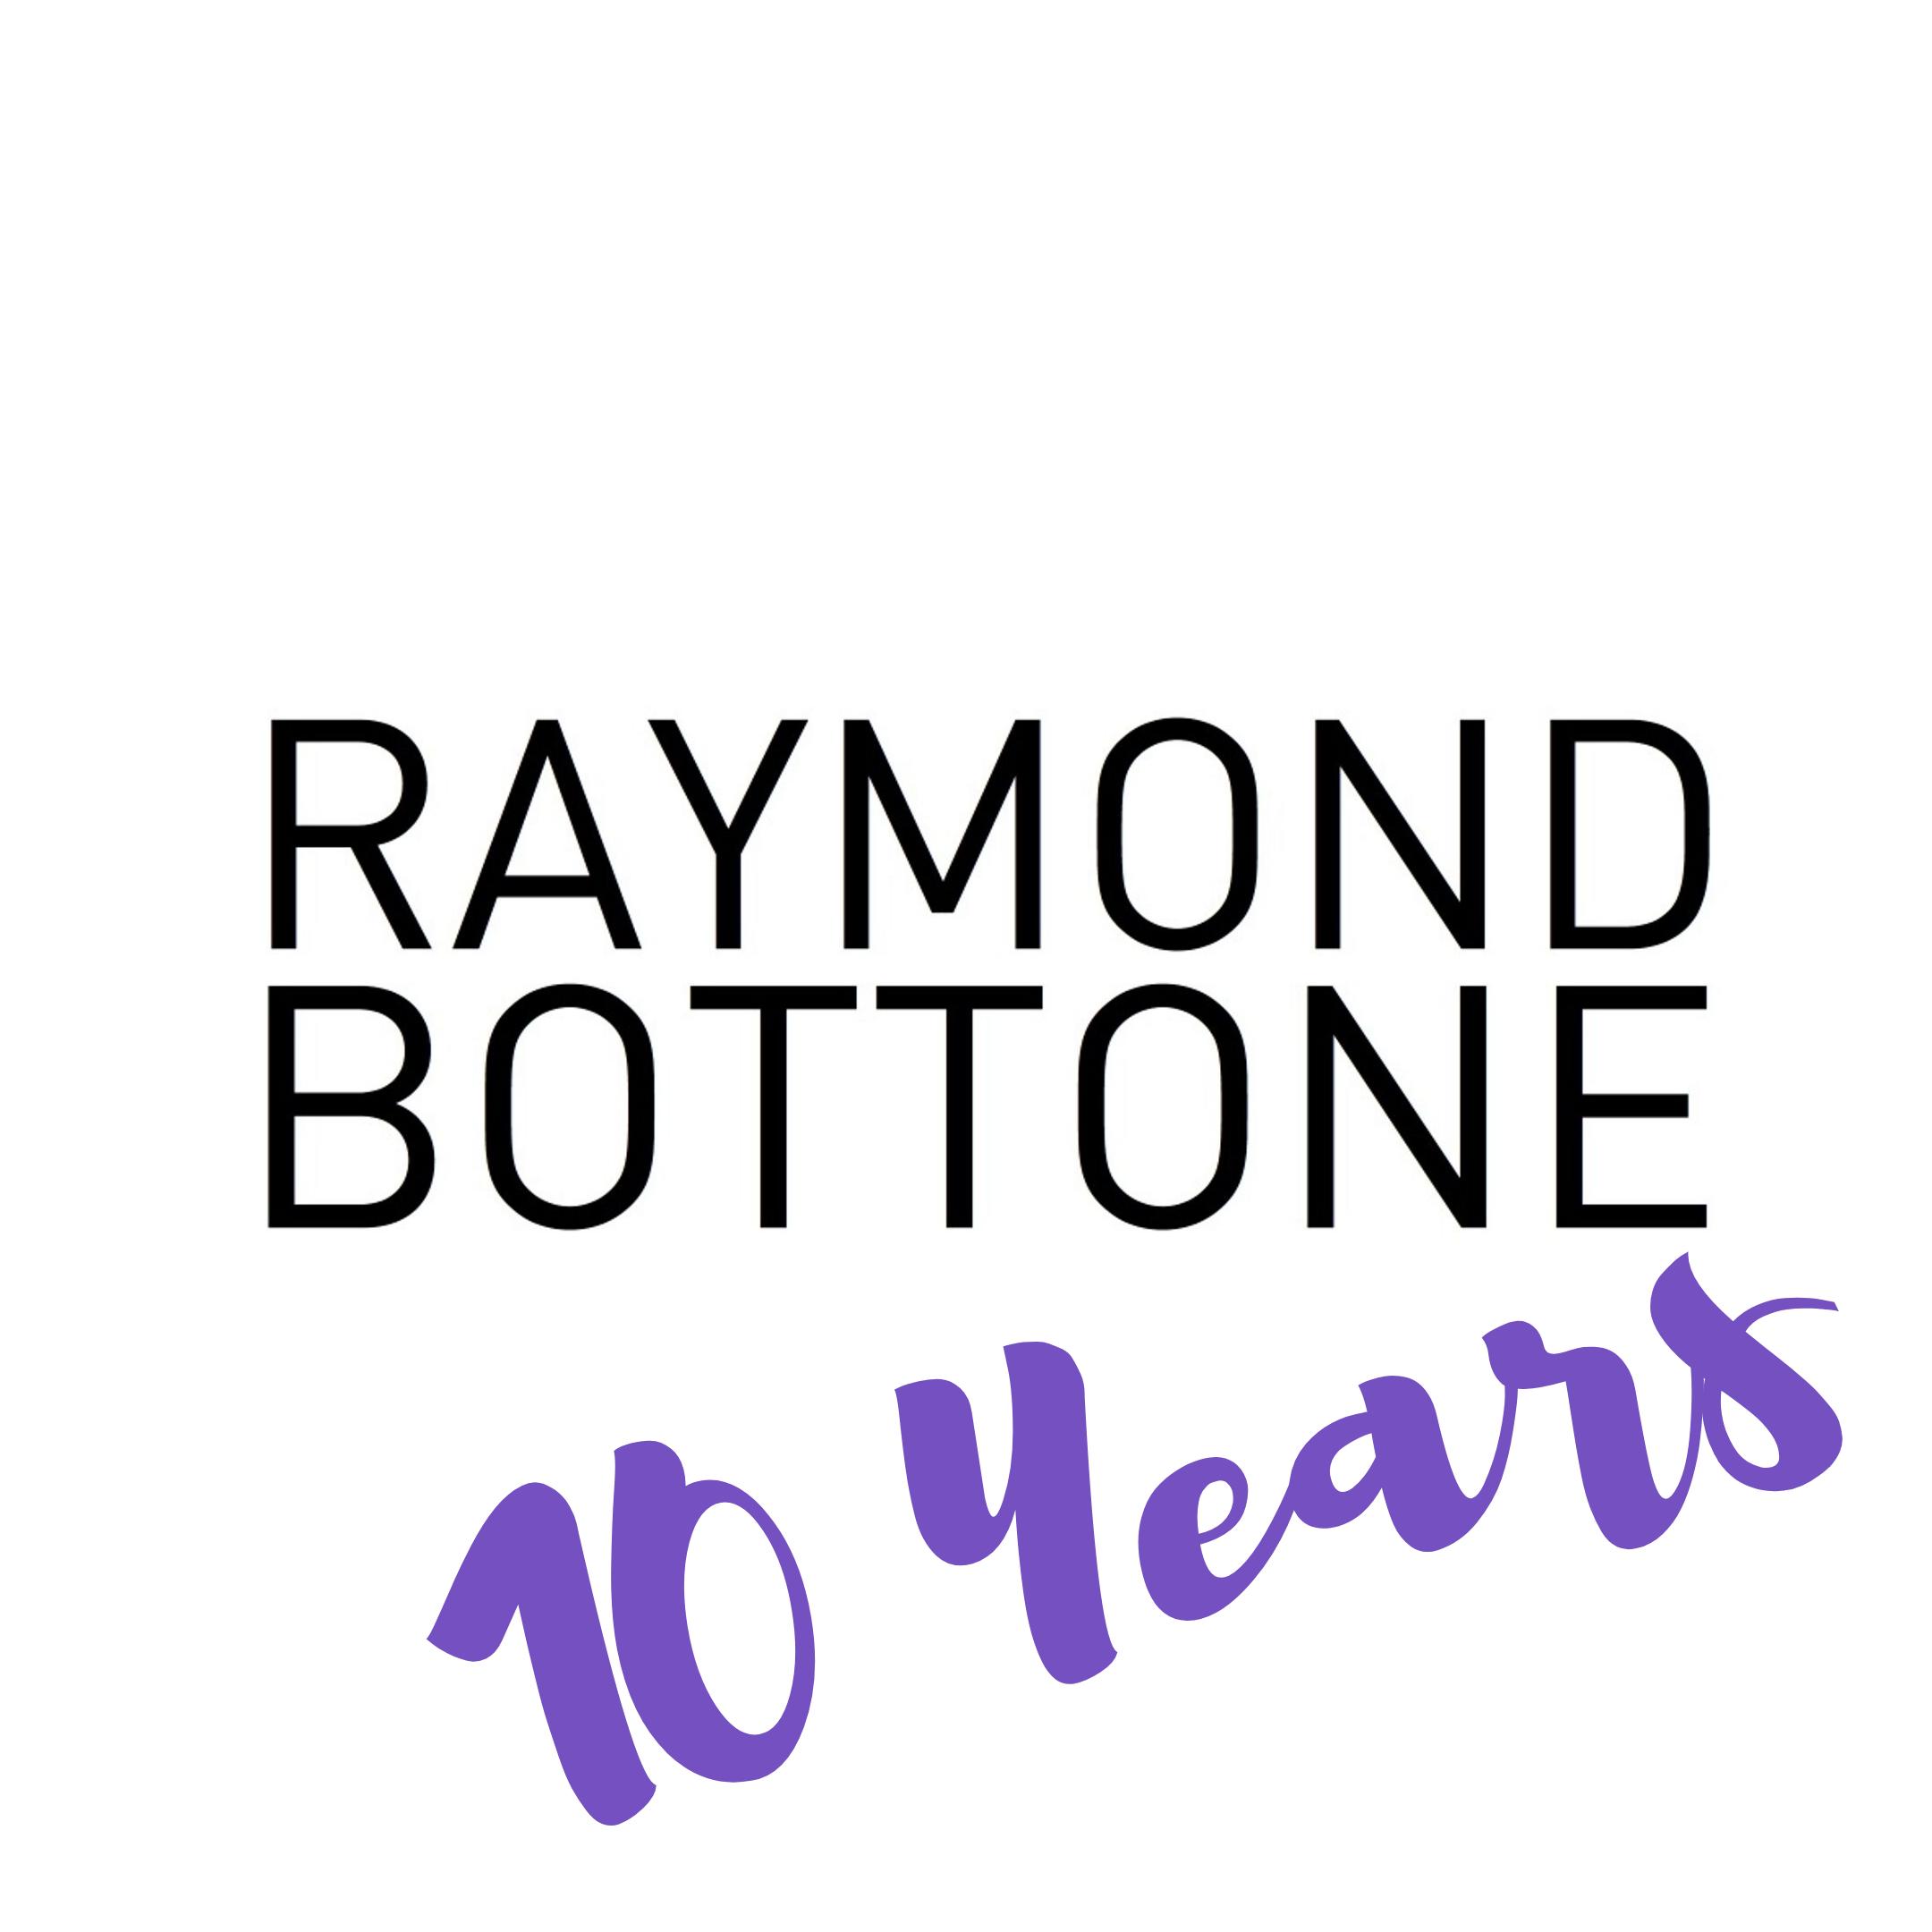 Raymond Bottone 10 Years